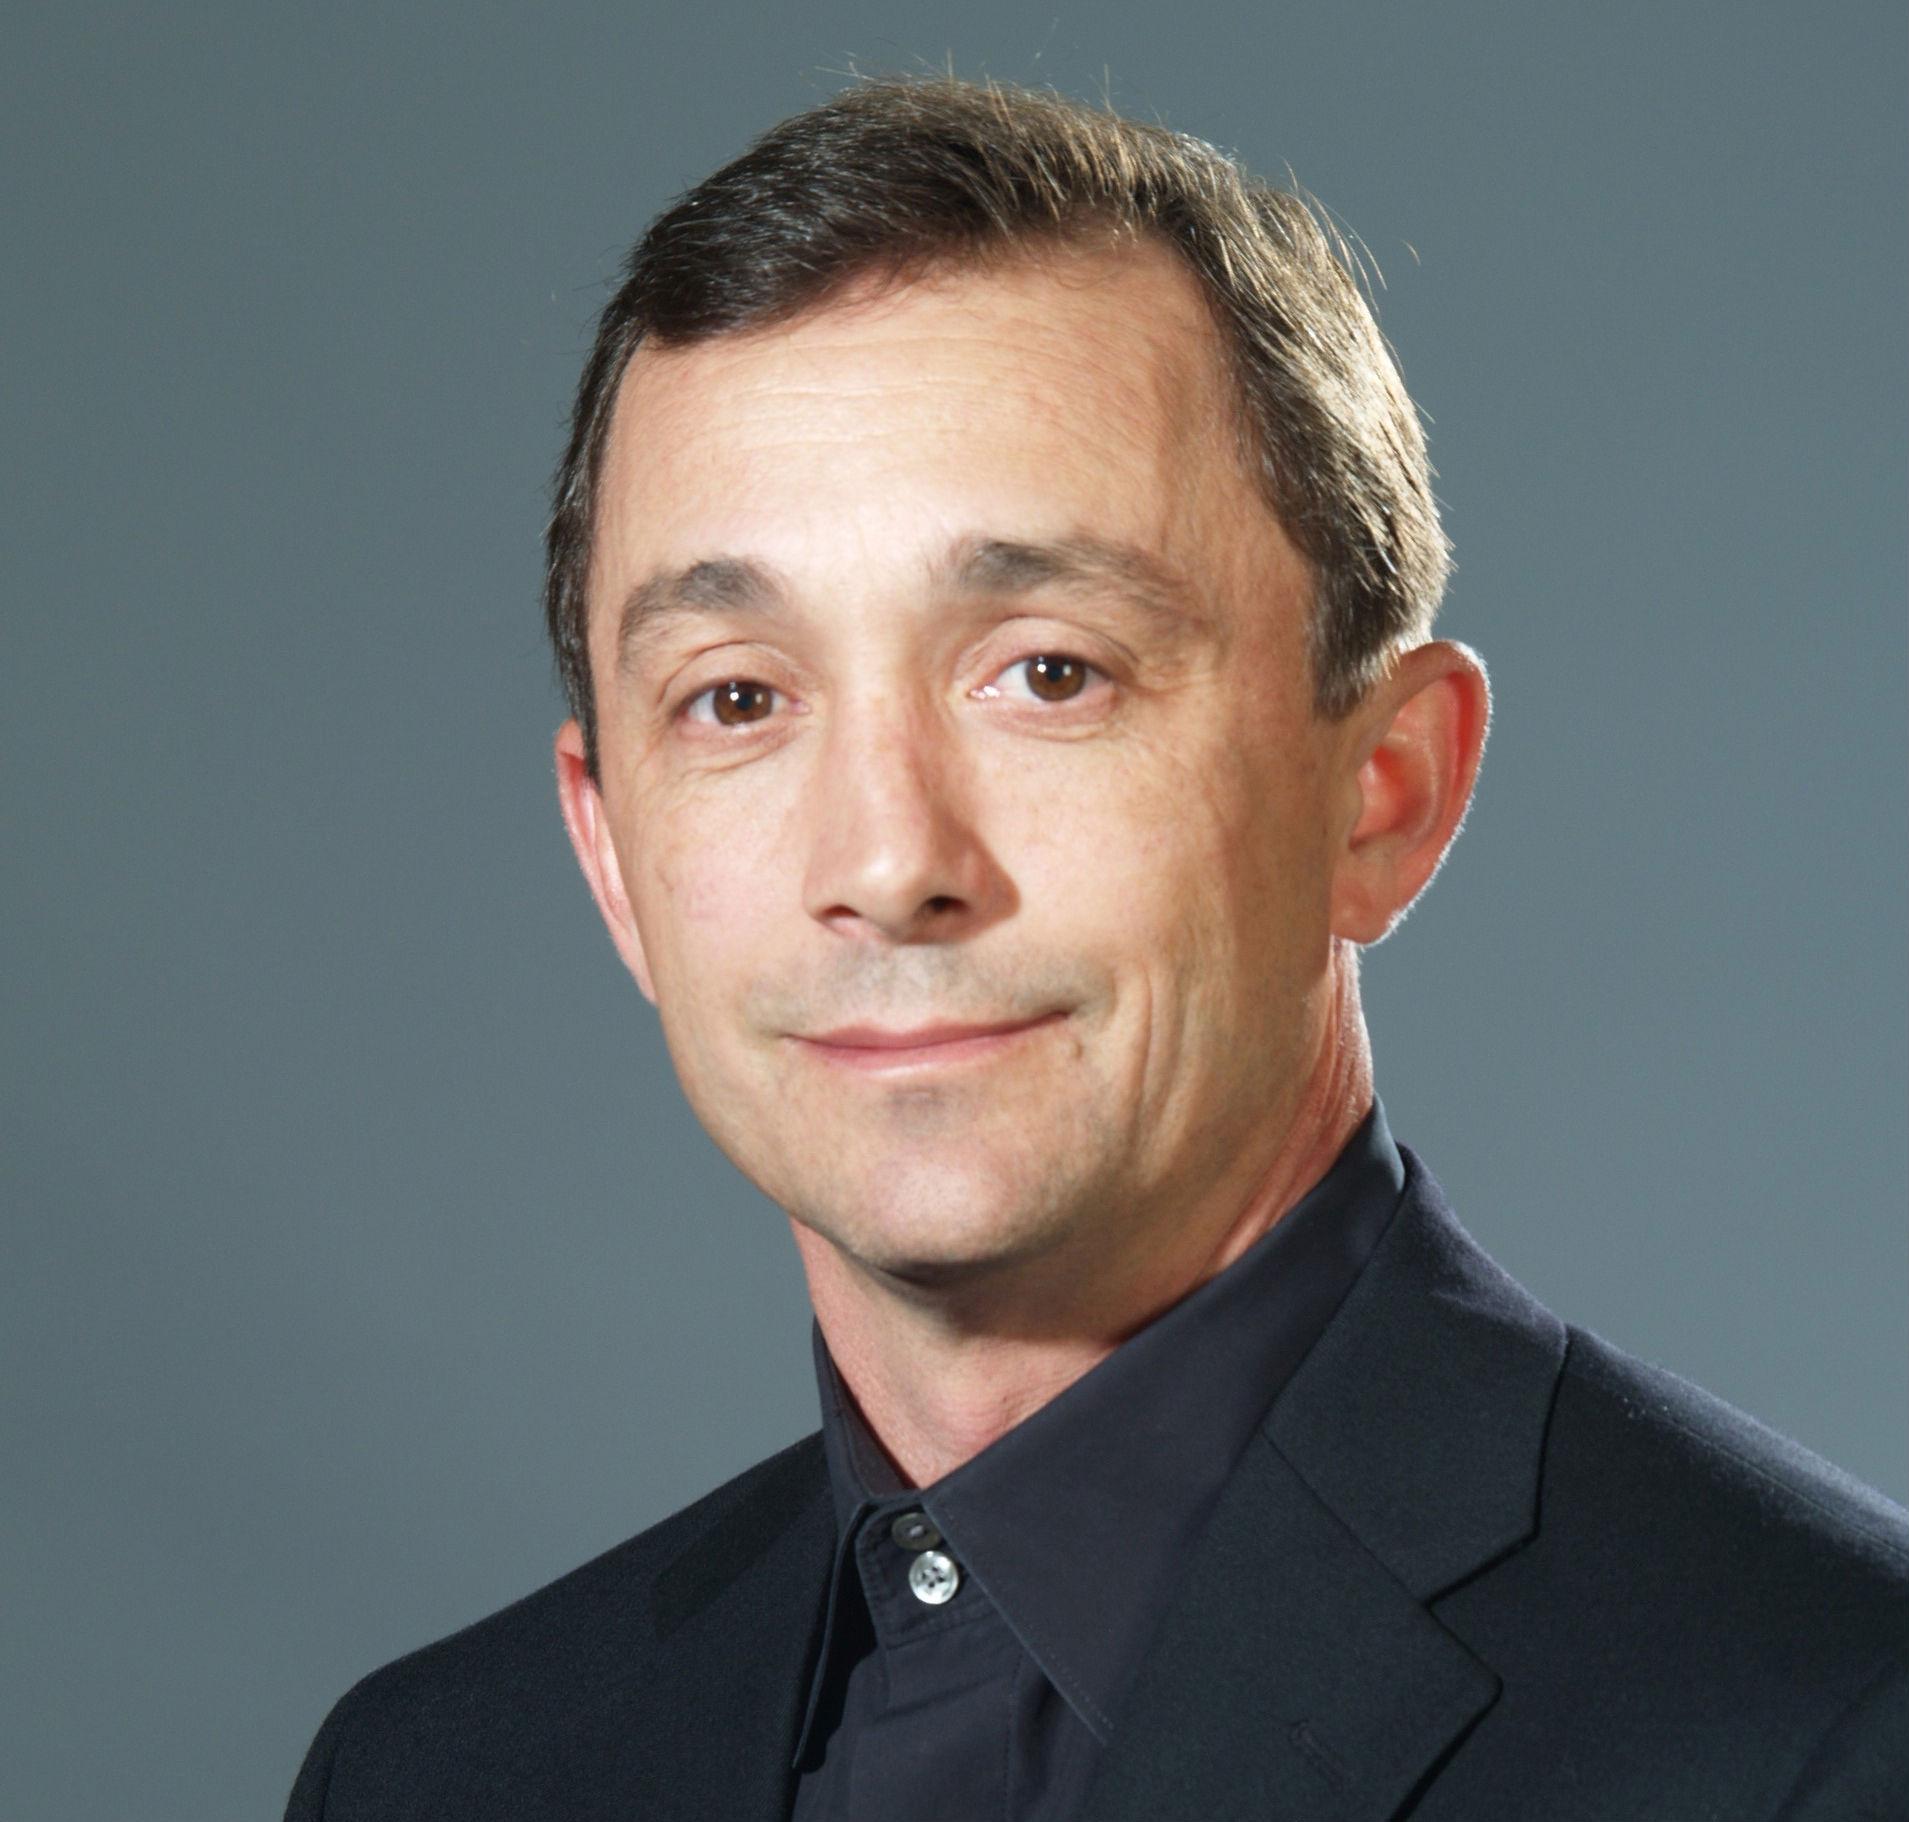 <p>Colorado Ballet artistic director Gil Boggs</p>